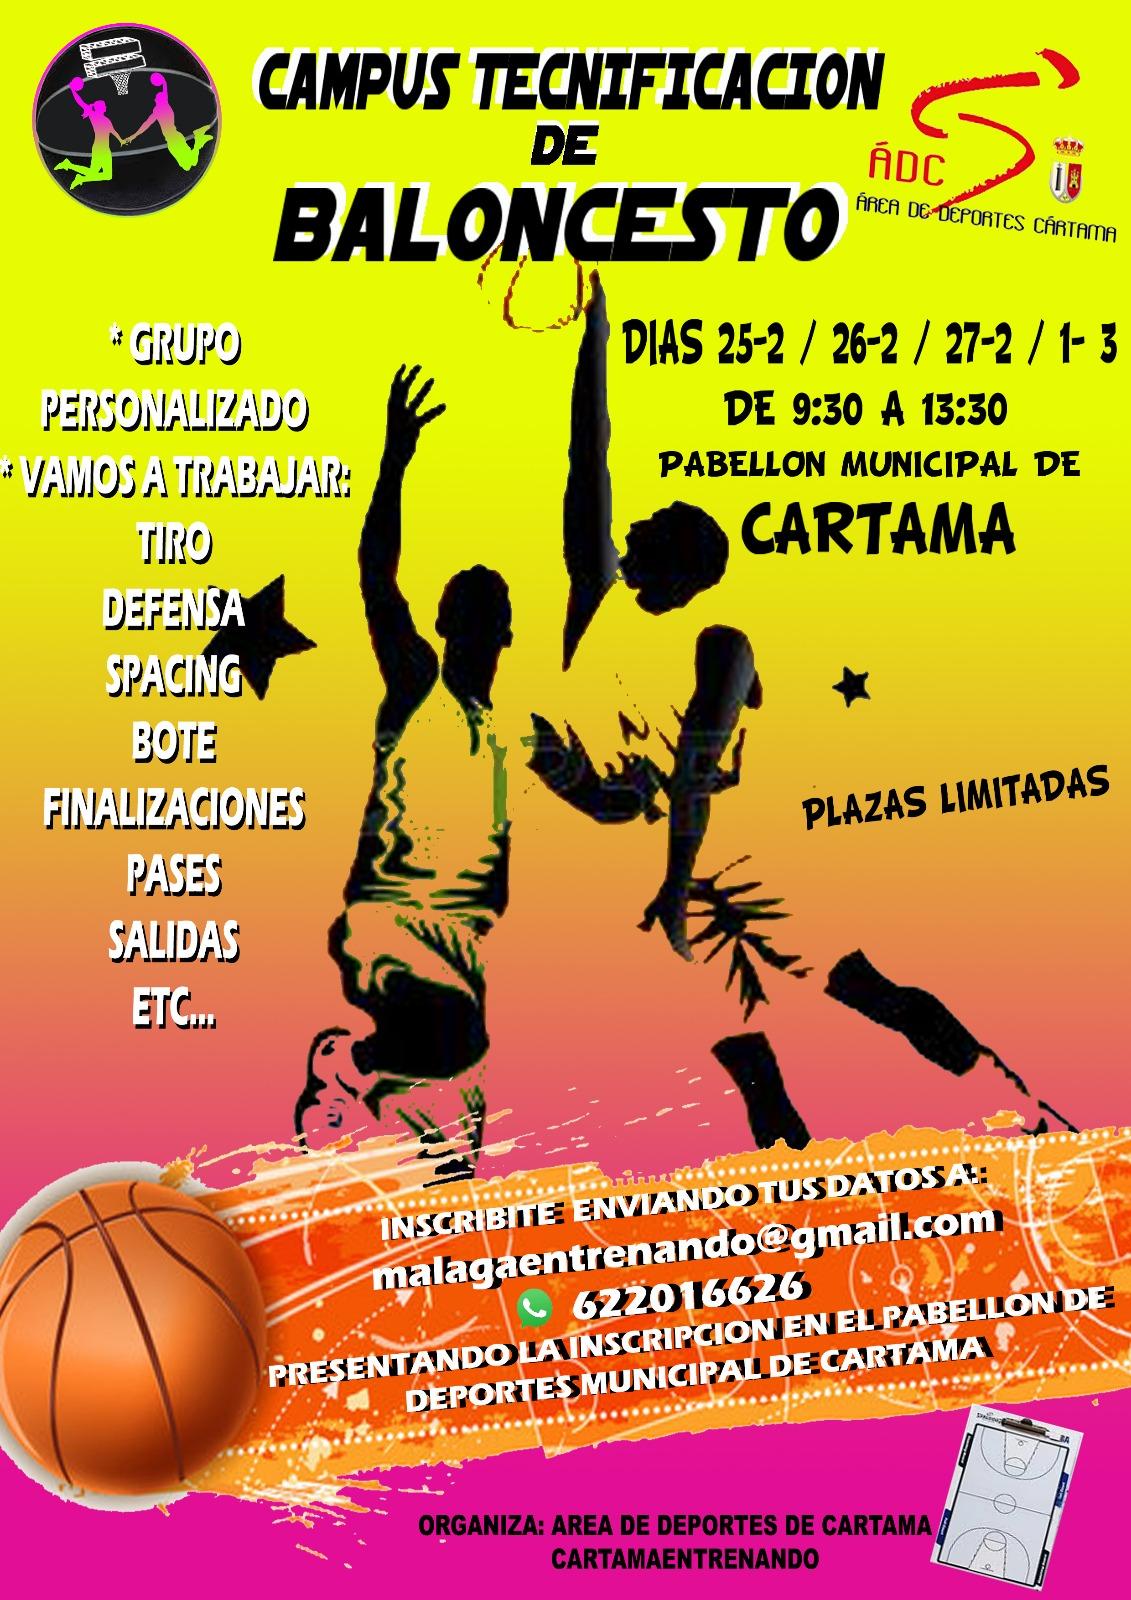 cartel-campus-de-tecnificacion-baloncesto-cartama-semana-blanca-2019-nuevo